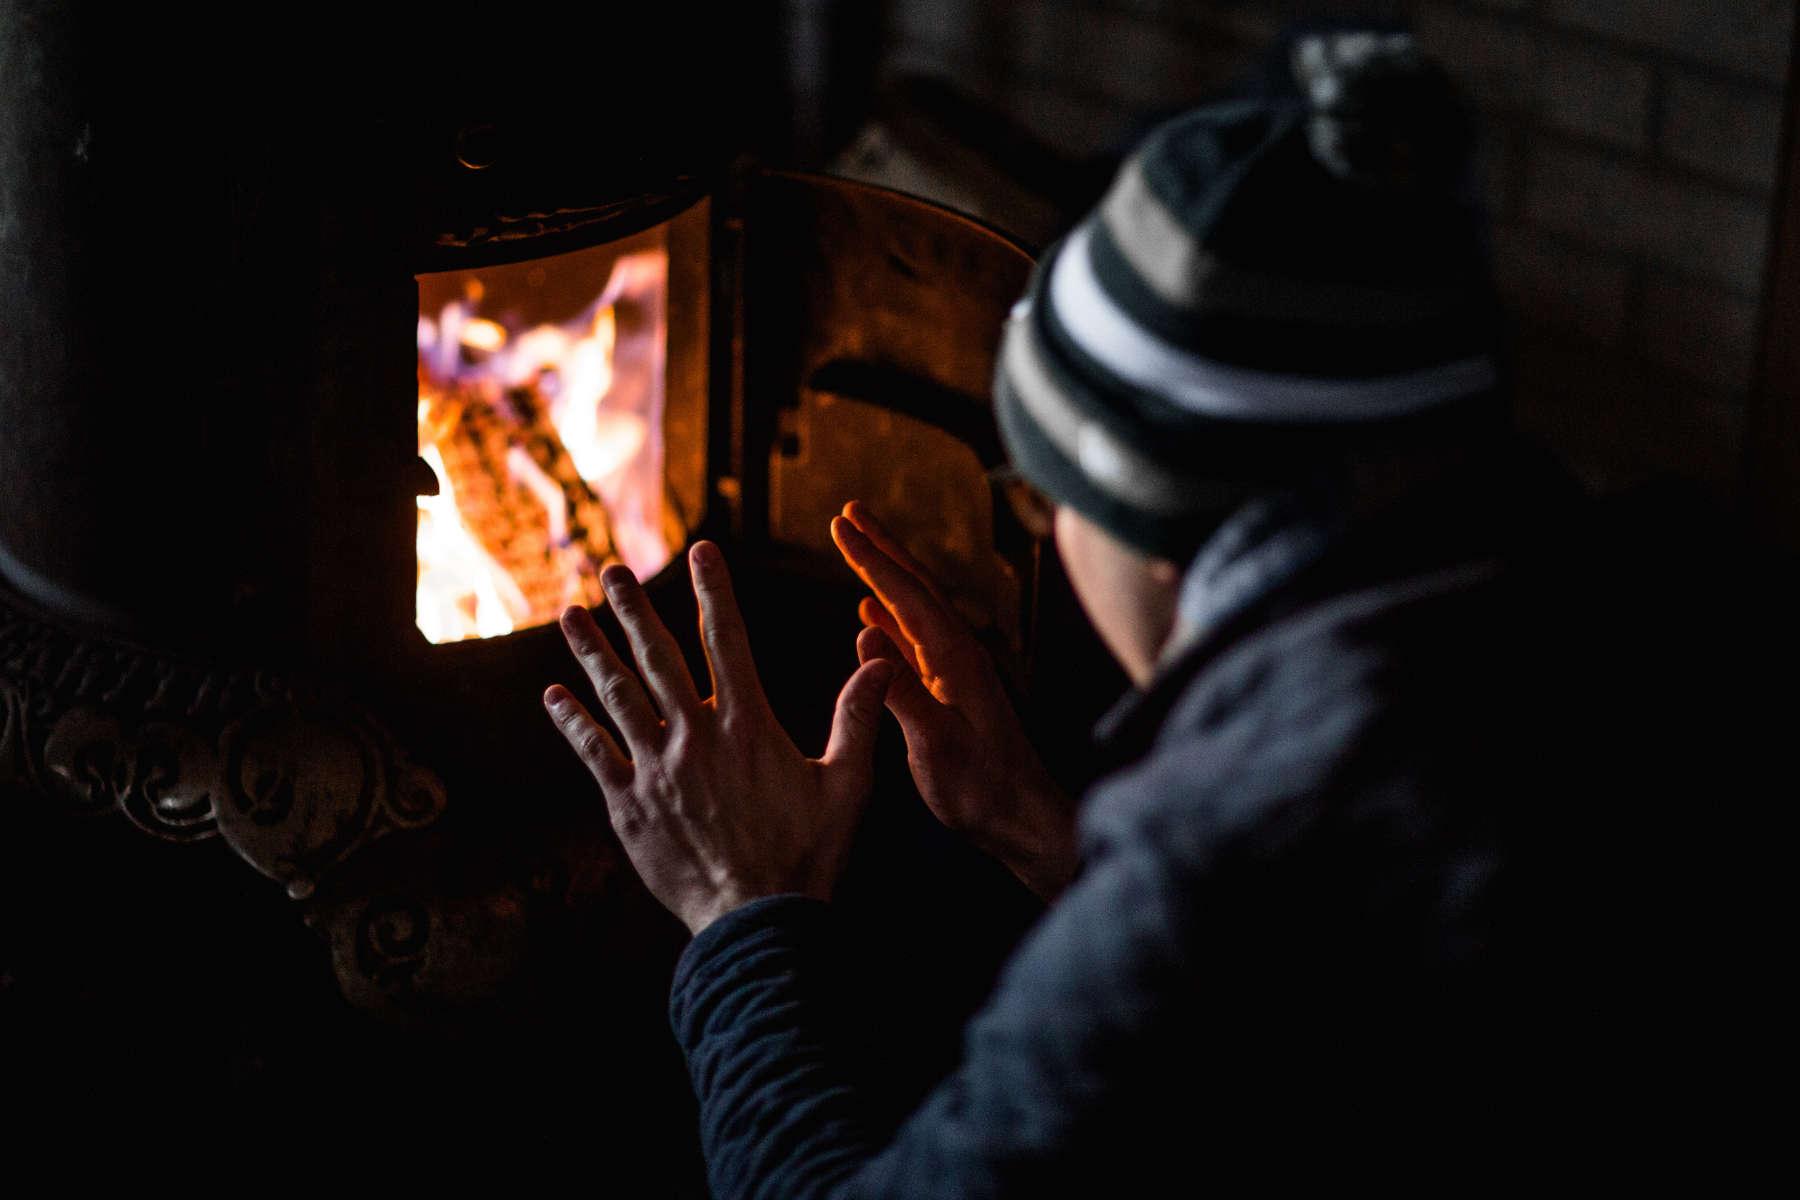 6 bénéfices du froid sur notre santé physique et mentale